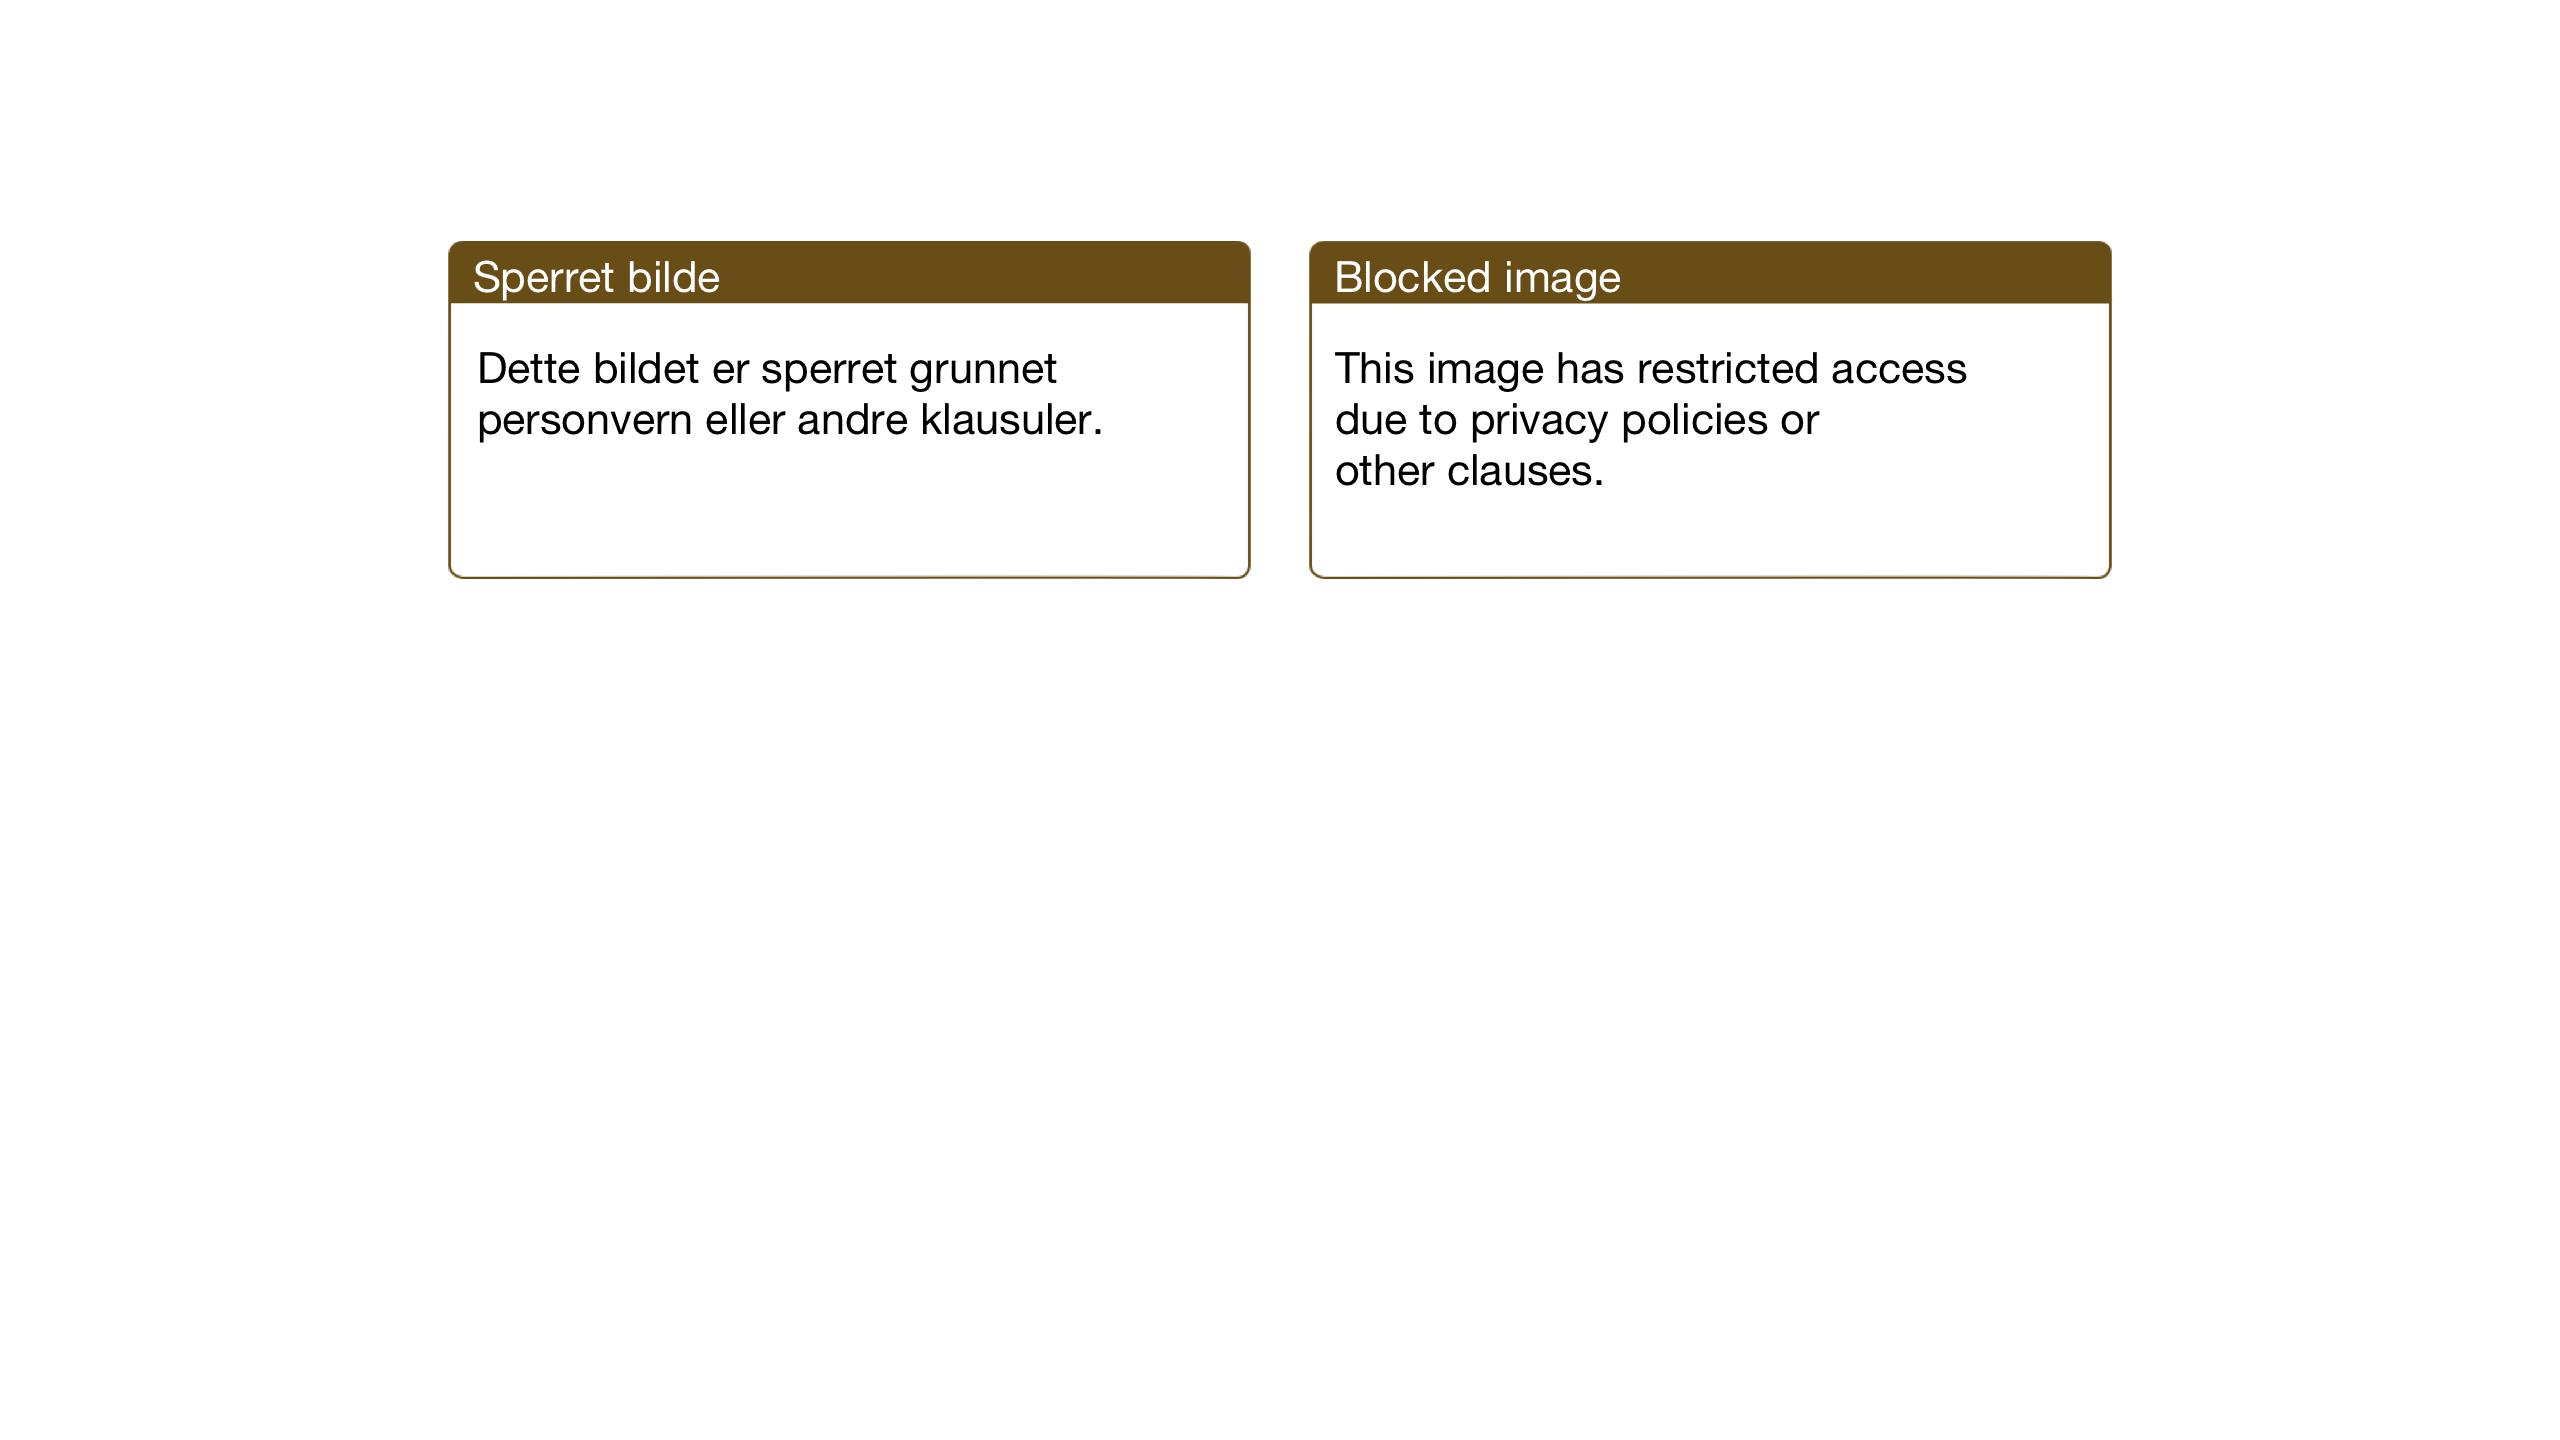 SAT, Ministerialprotokoller, klokkerbøker og fødselsregistre - Sør-Trøndelag, 637/L0564: Klokkerbok nr. 637C05, 1928-1968, s. 133